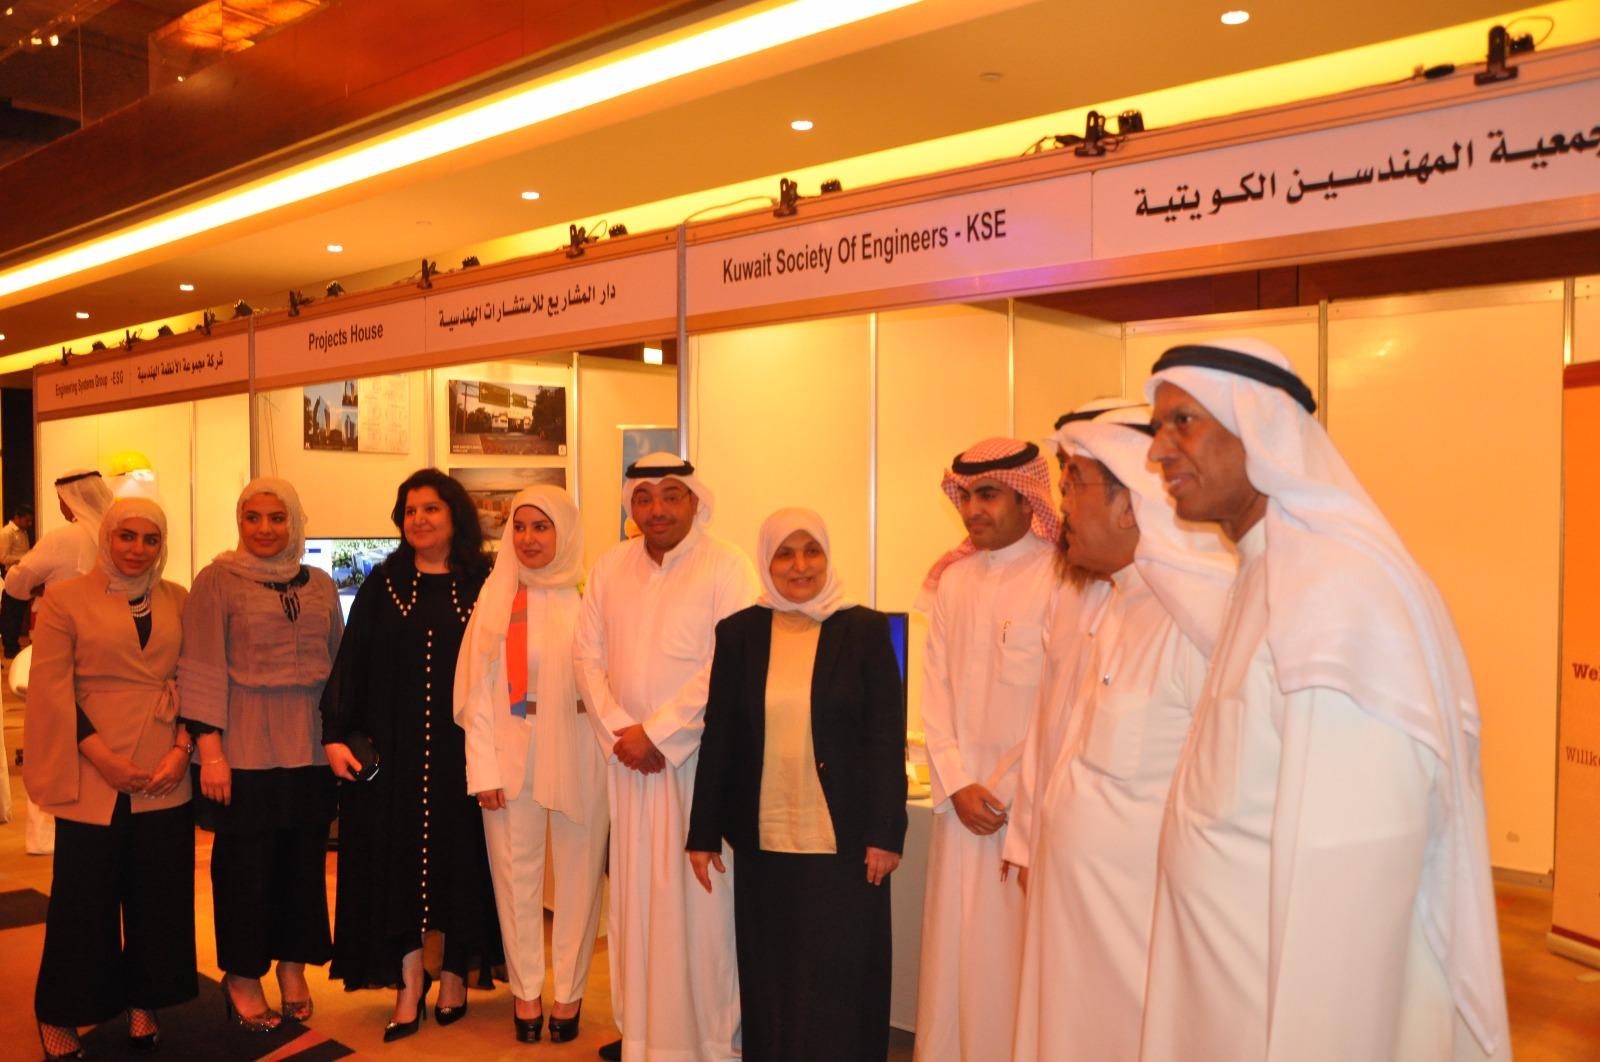 لجنة المعارض شاركت في معرض ملتقى الخدمات الاستشارية للمشاريع الحكومية